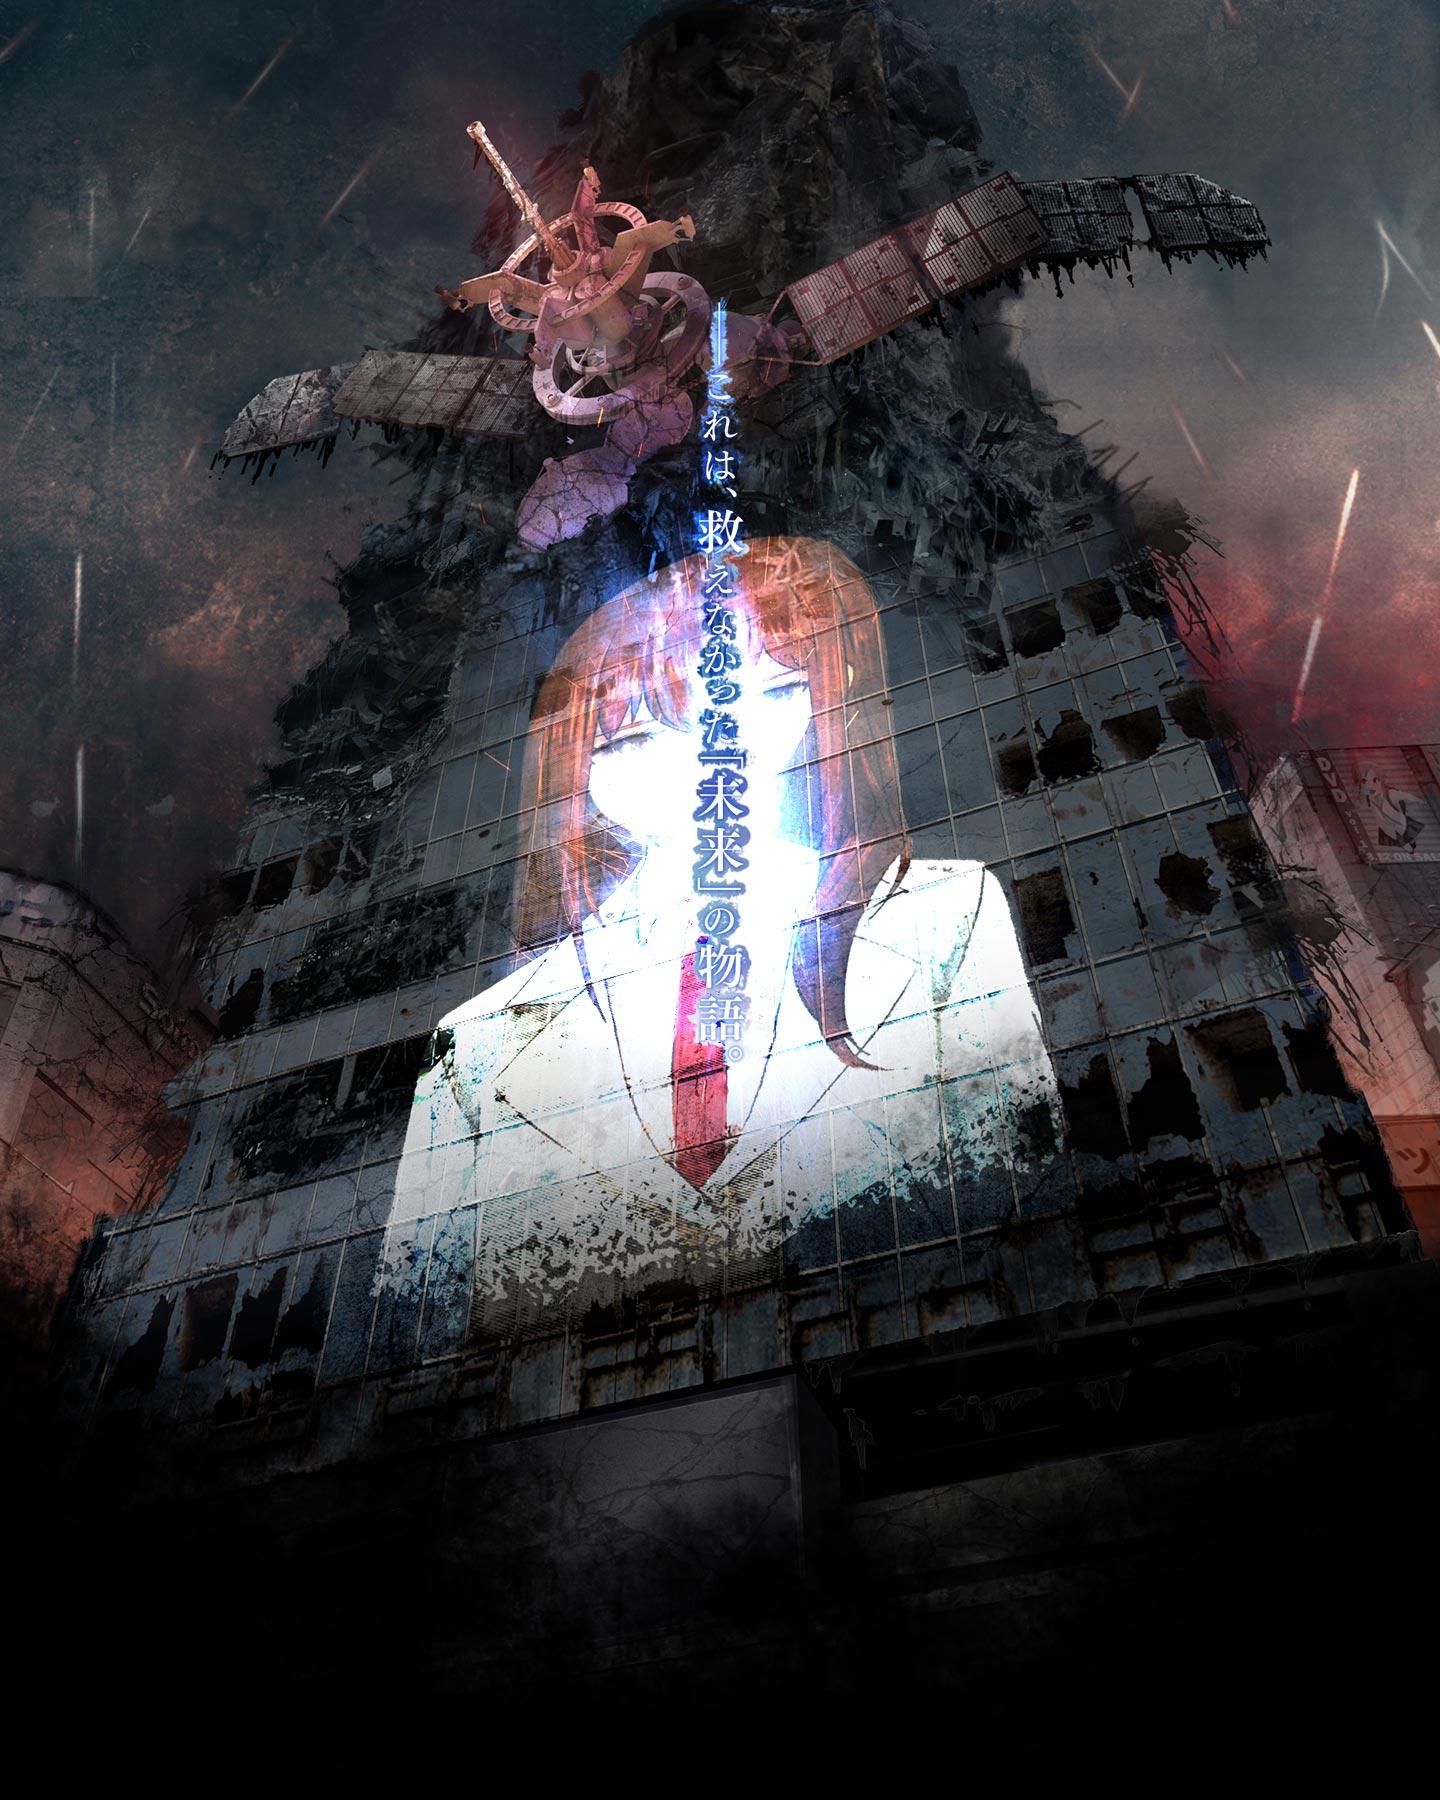 Steins Gate 0 シュタインズ ゲート ゼロ 公式サイト